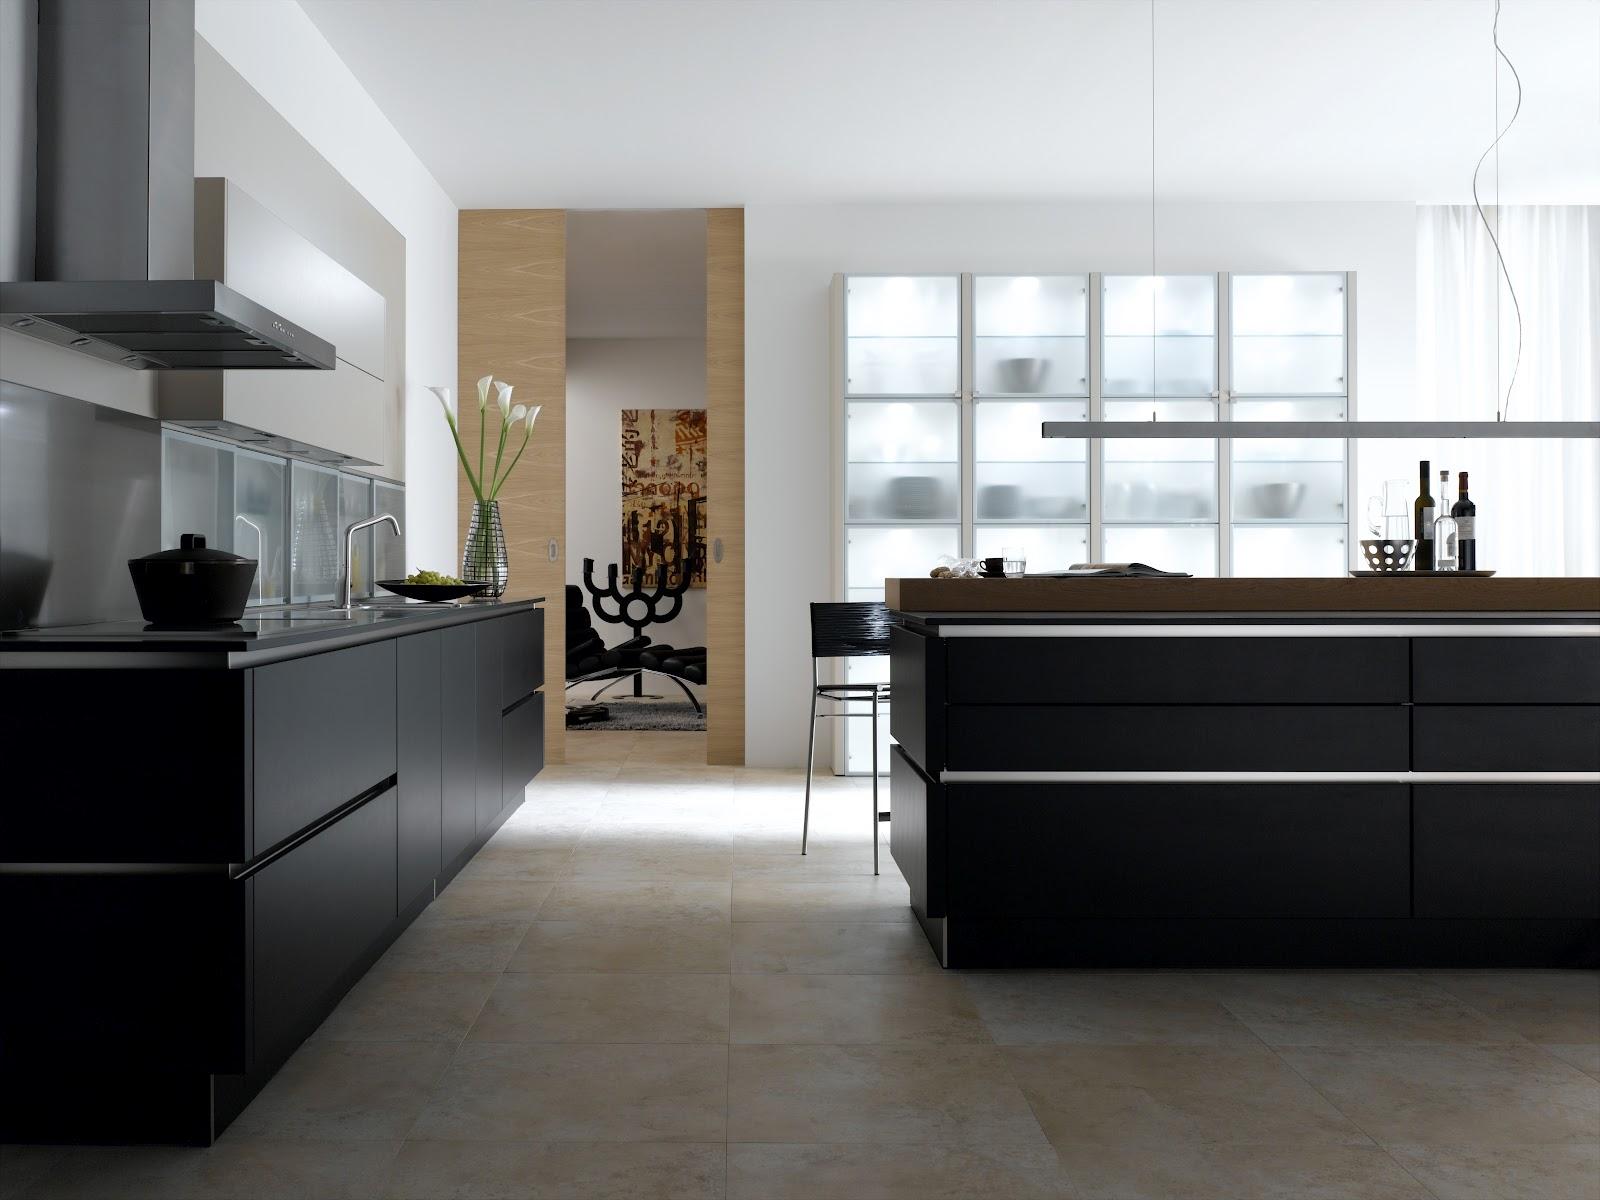 #595145  Lucas Designer de Interiores: Referências Projetos de Cozinha 1600x1200 px Projeto De Cozinha Com Banheiro #2827 imagens